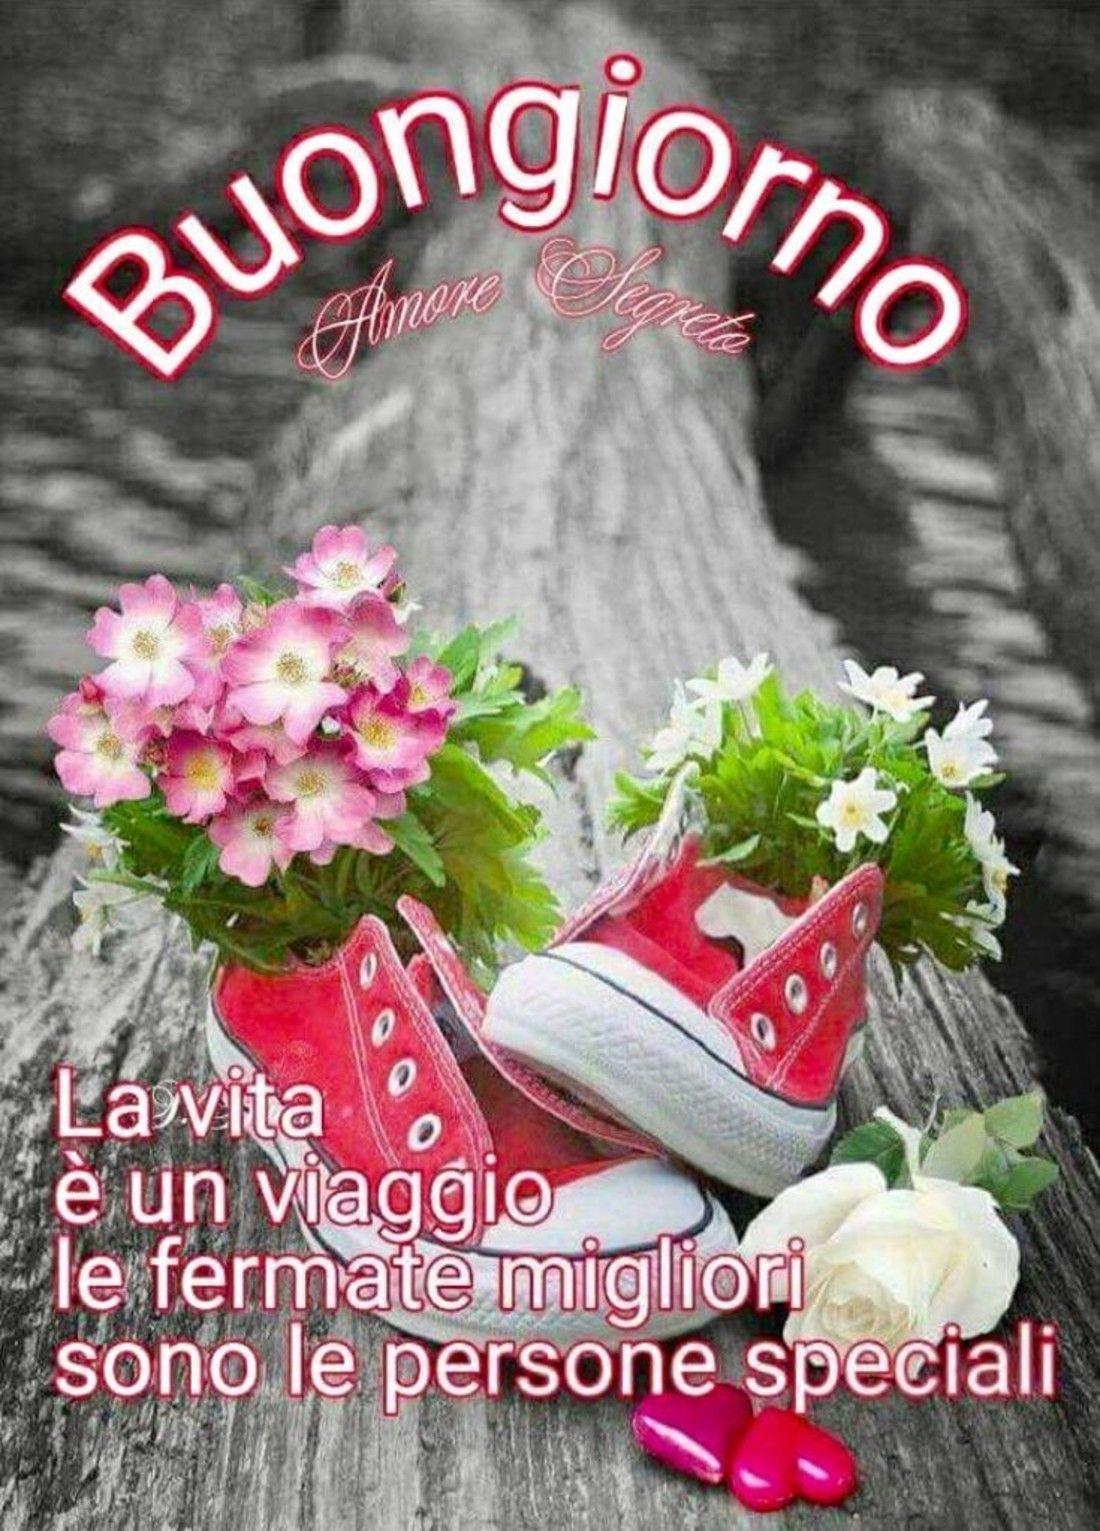 Immagini Buongiorno Favolose 6 Buongiorno Amore Auguri